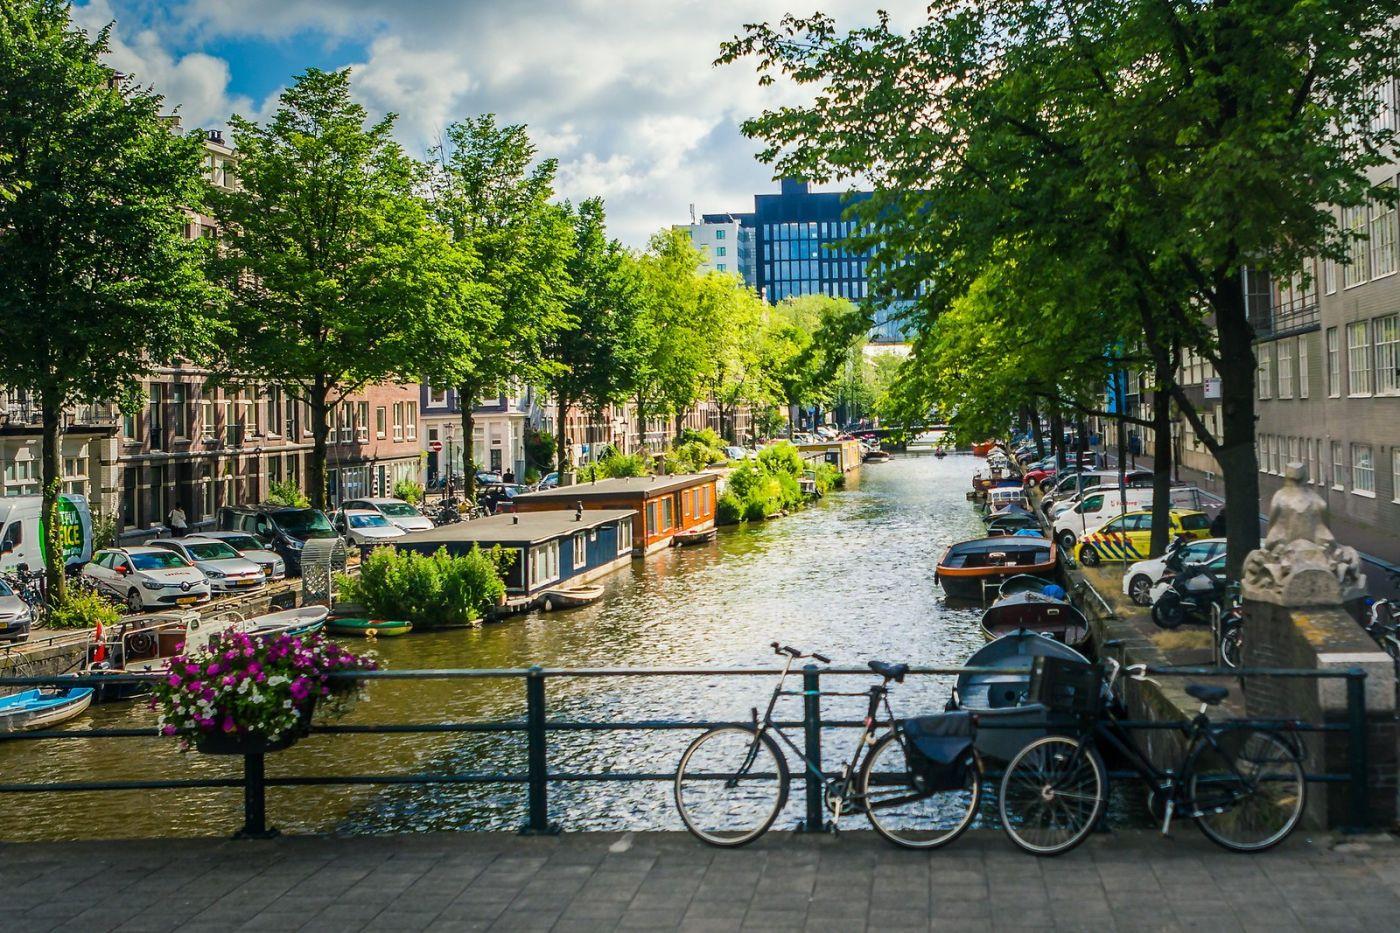 荷兰阿姆斯特丹,穿梭的自行车_图1-19